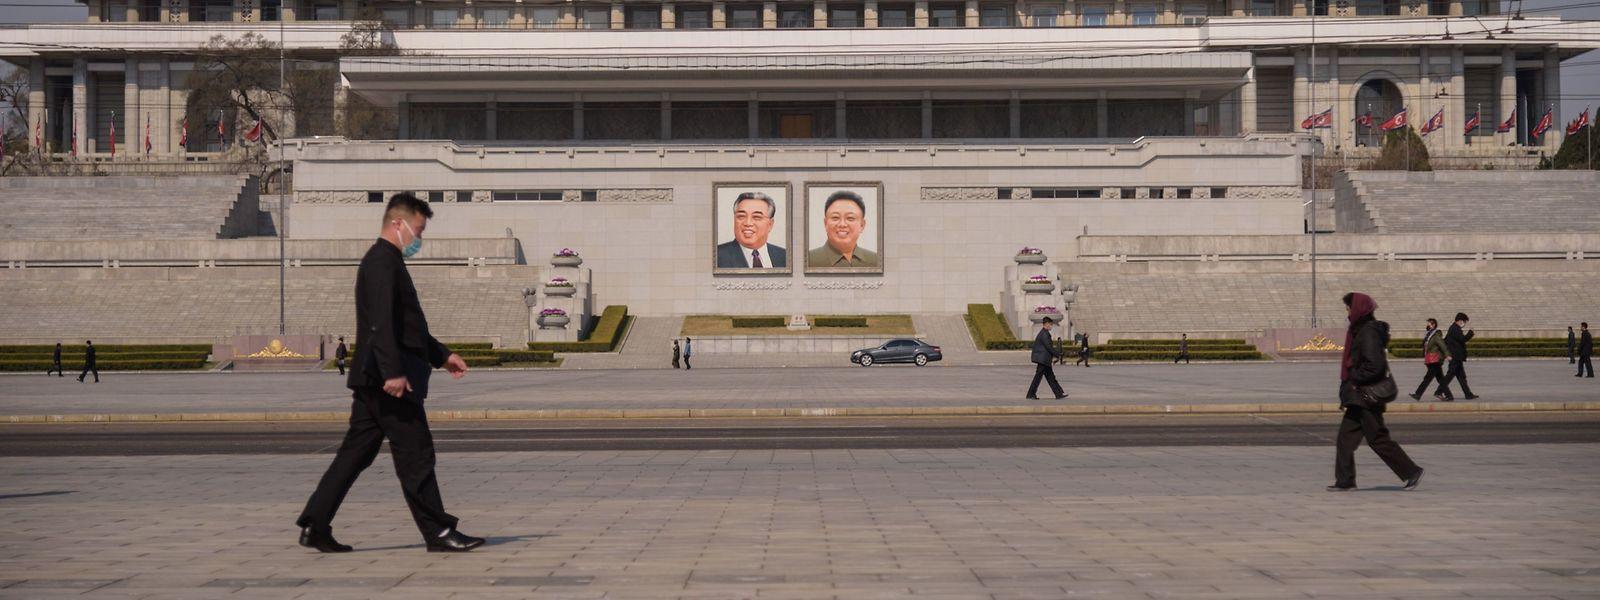 Passanten mit Mundschutz auf dem Kim-Il Sung-Platz in Pjöngjang. In Nordkorea gibt es bislang keine bestätigten Corona-Fälle. Doch Beobachter zweifeln die Angaben des Regimes an.